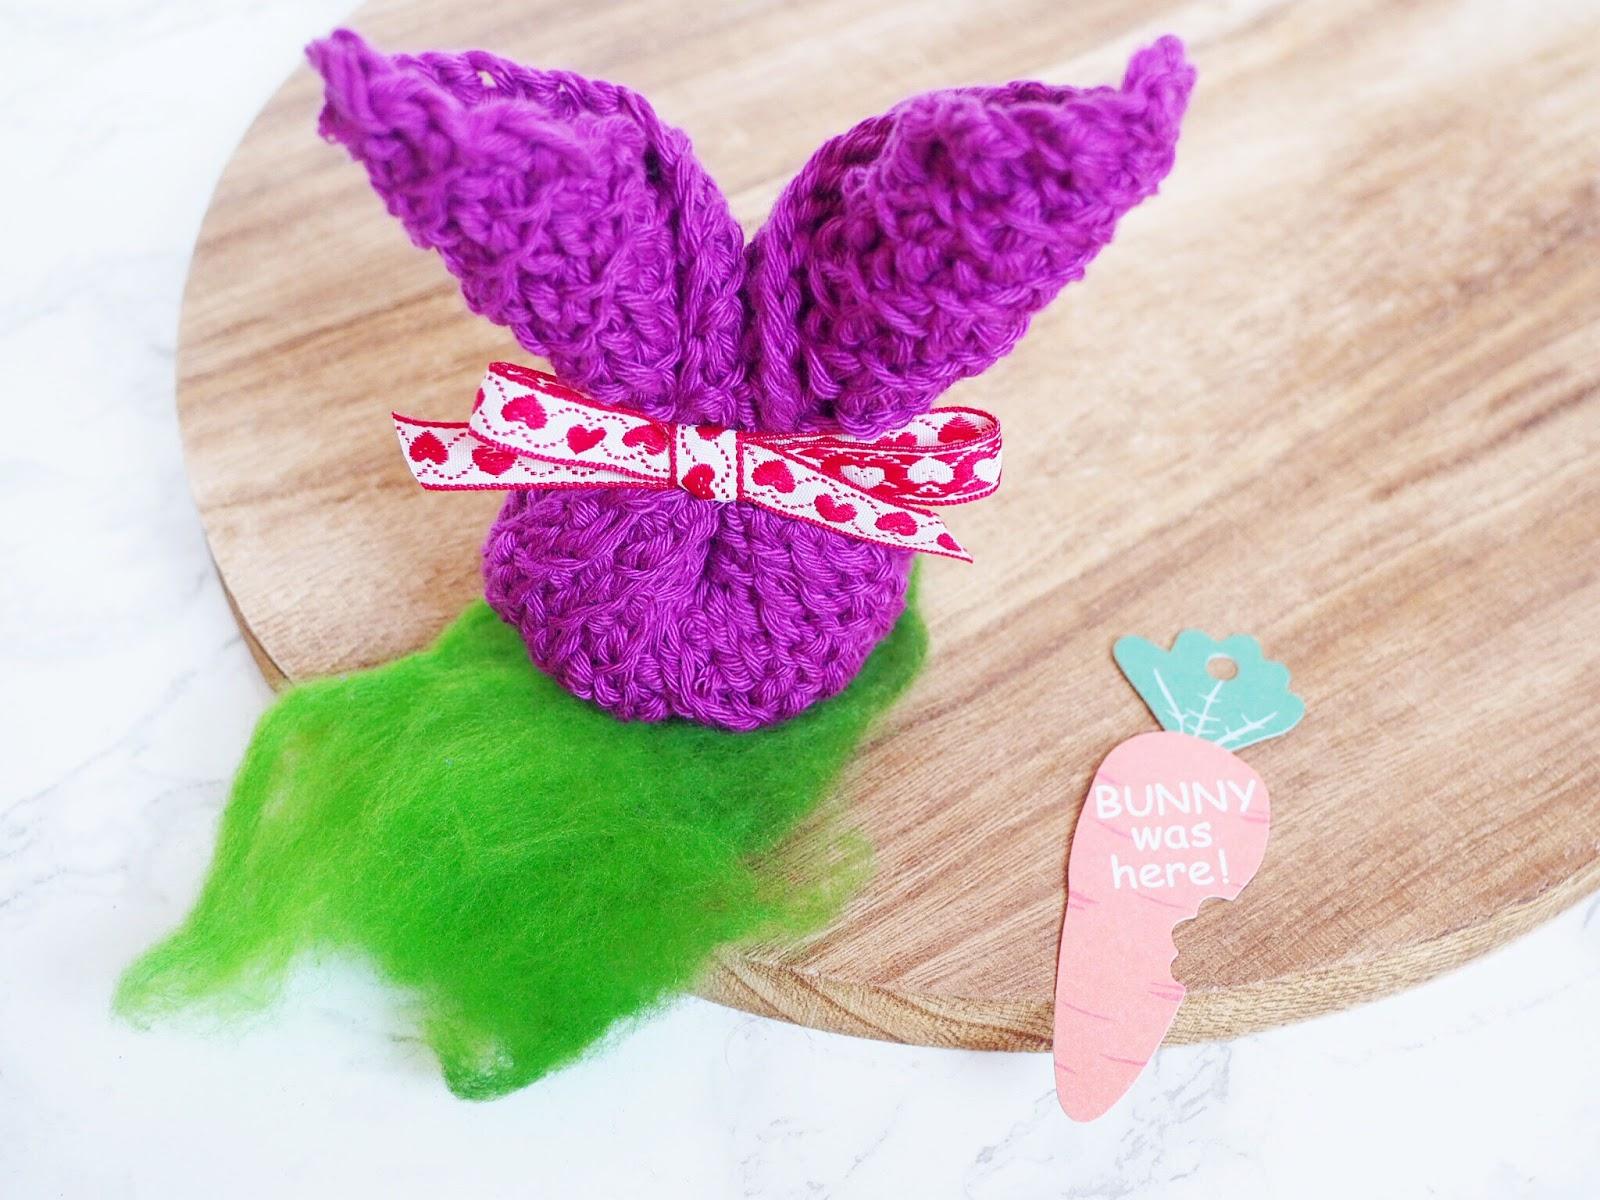 Spültuch - Abwaschlappen - Topflappen Strickanleitung in Hasenform mit doppeltem Faden aus rico baby cotton soft Baumwolle